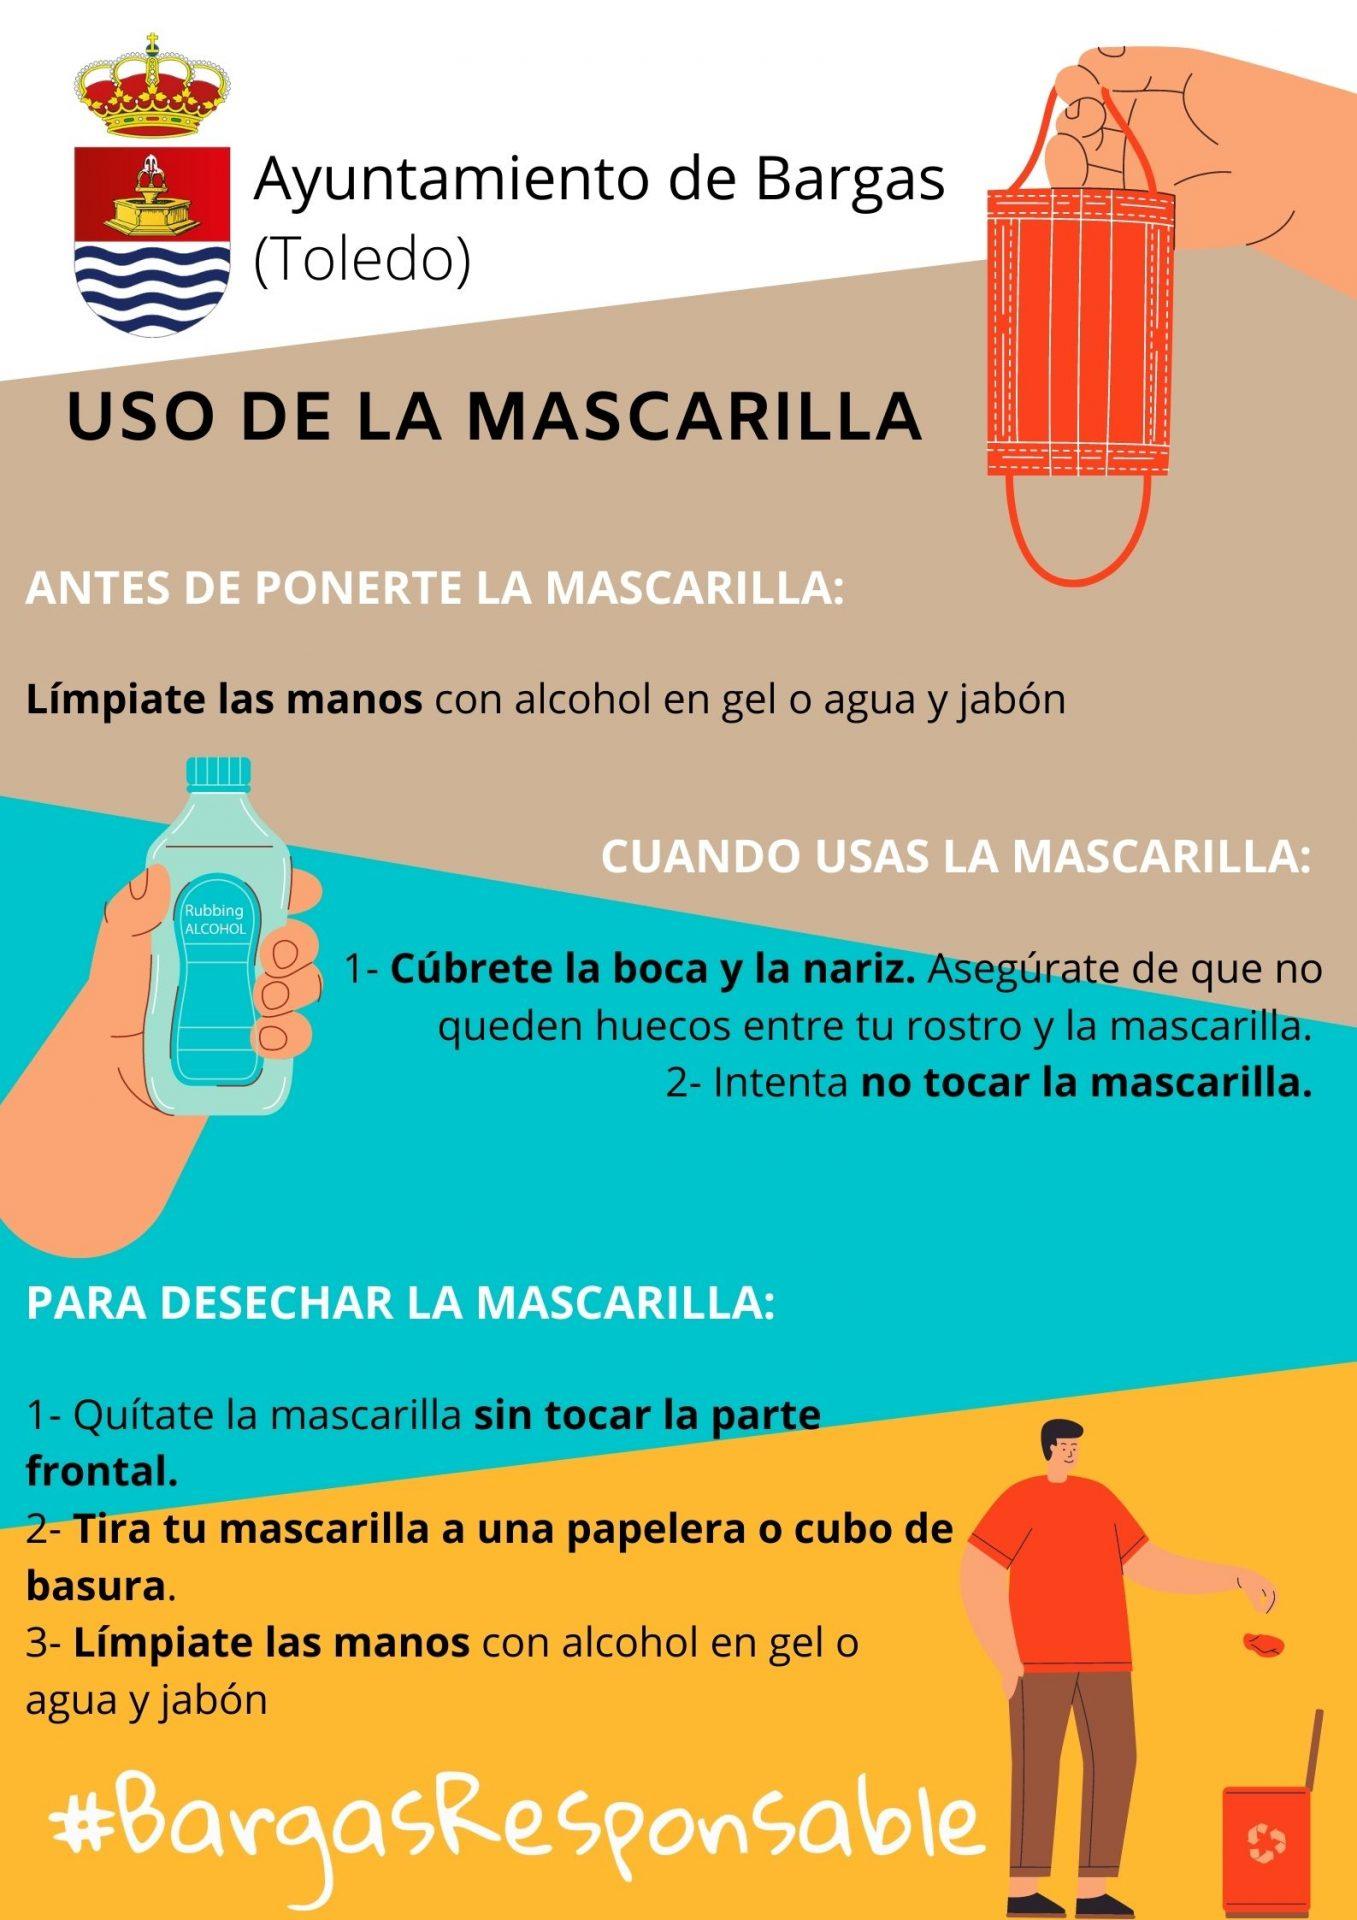 Uso Mascarilla #BargasResponsable